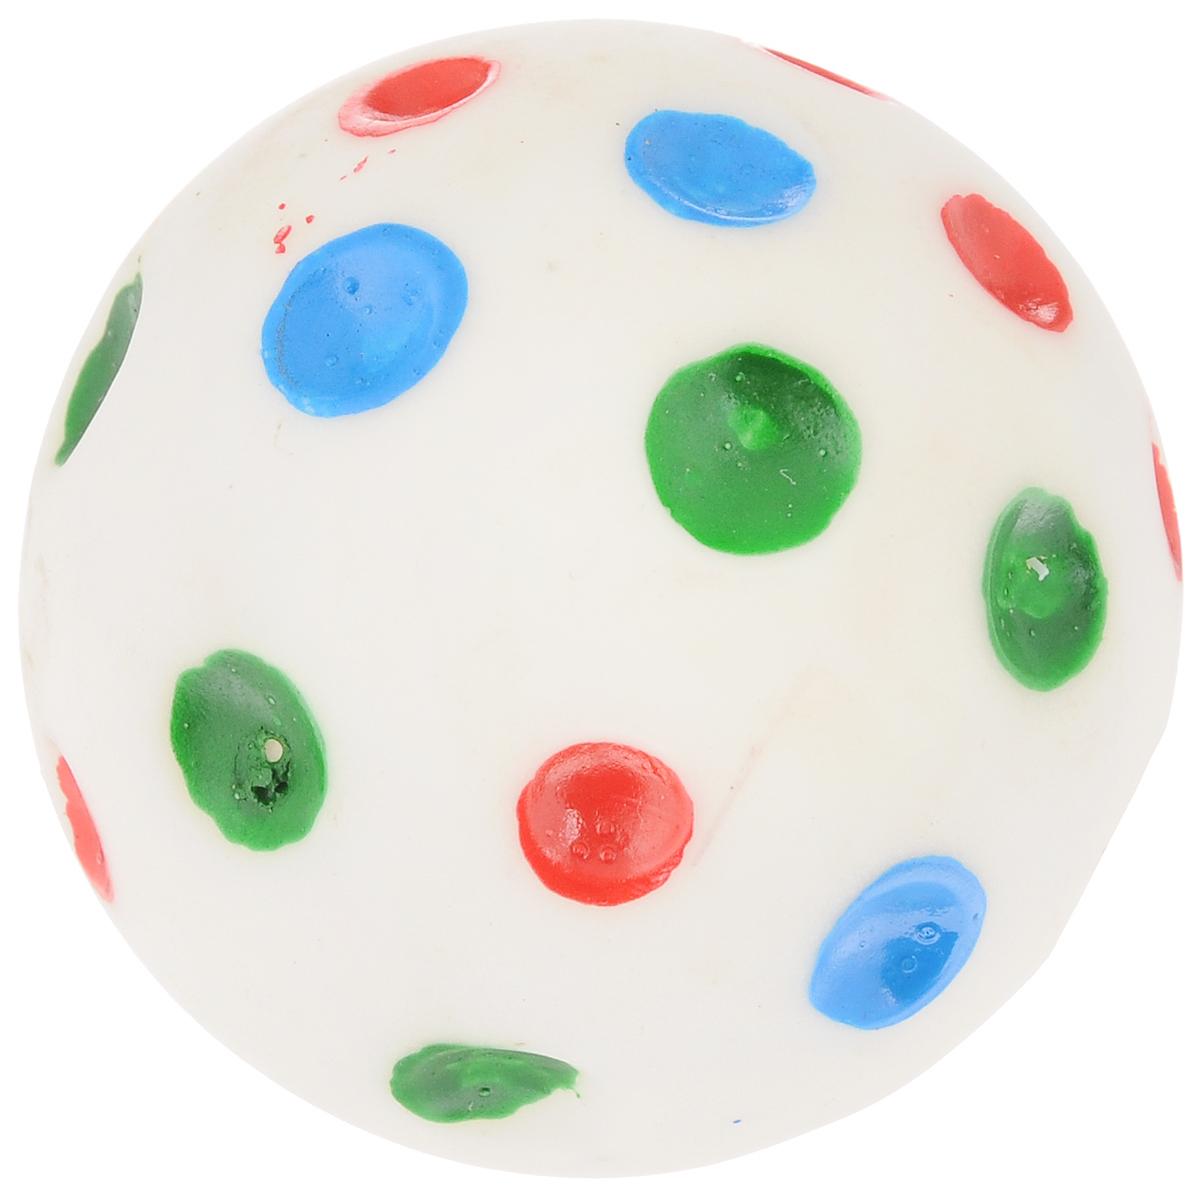 Игрушка для животных Каскад Мяч. Луна, с пищалкой, цвет: белый, красный, синий, диаметр 6 см игрушка для животных каскад мячик пробковый диаметр 3 5 см